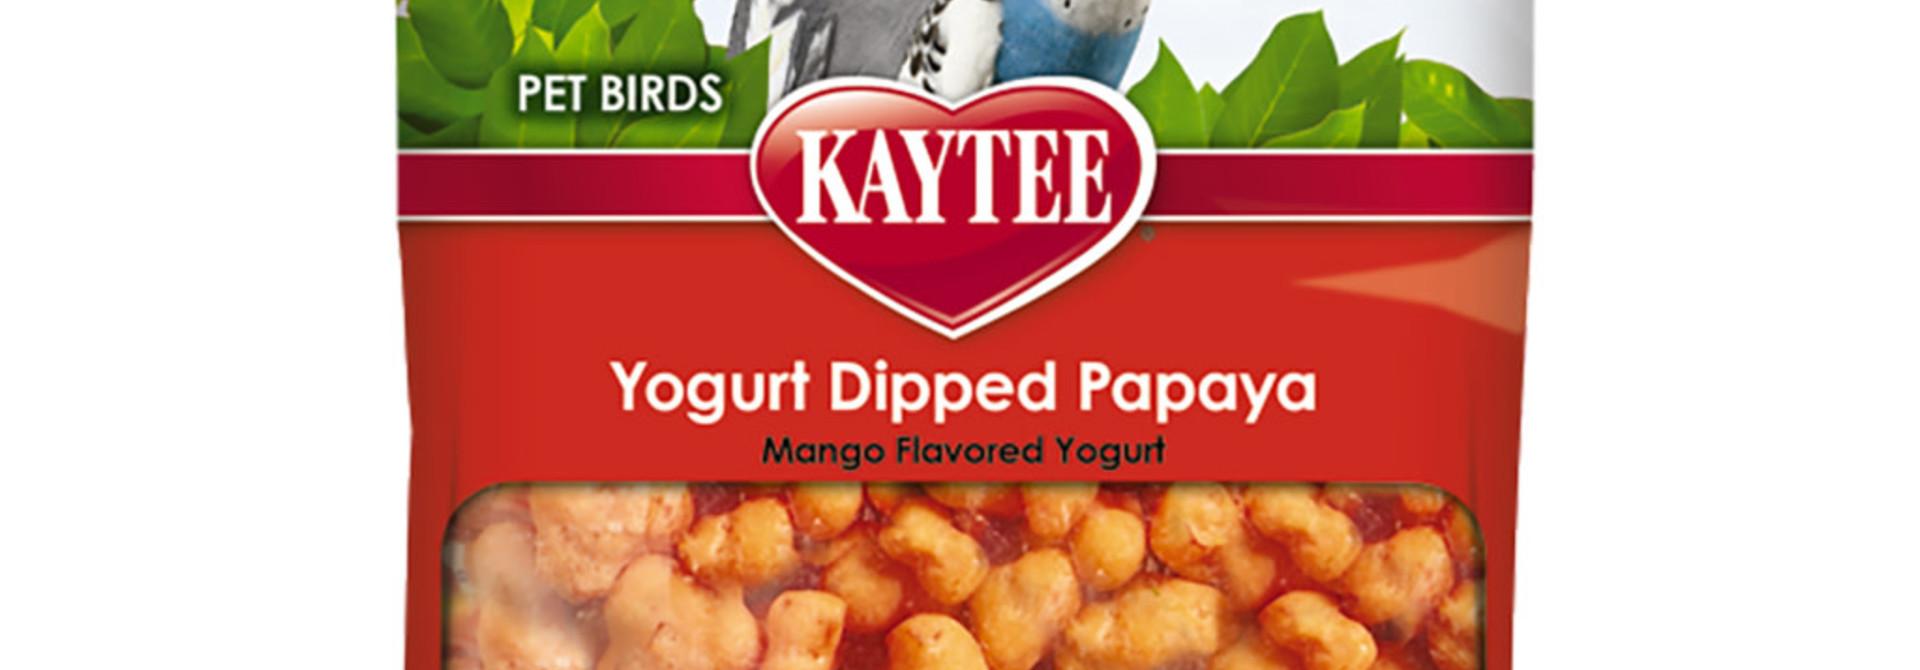 Fiesta Mango Yogurt Dipped Papaya Treats 2.5OZ